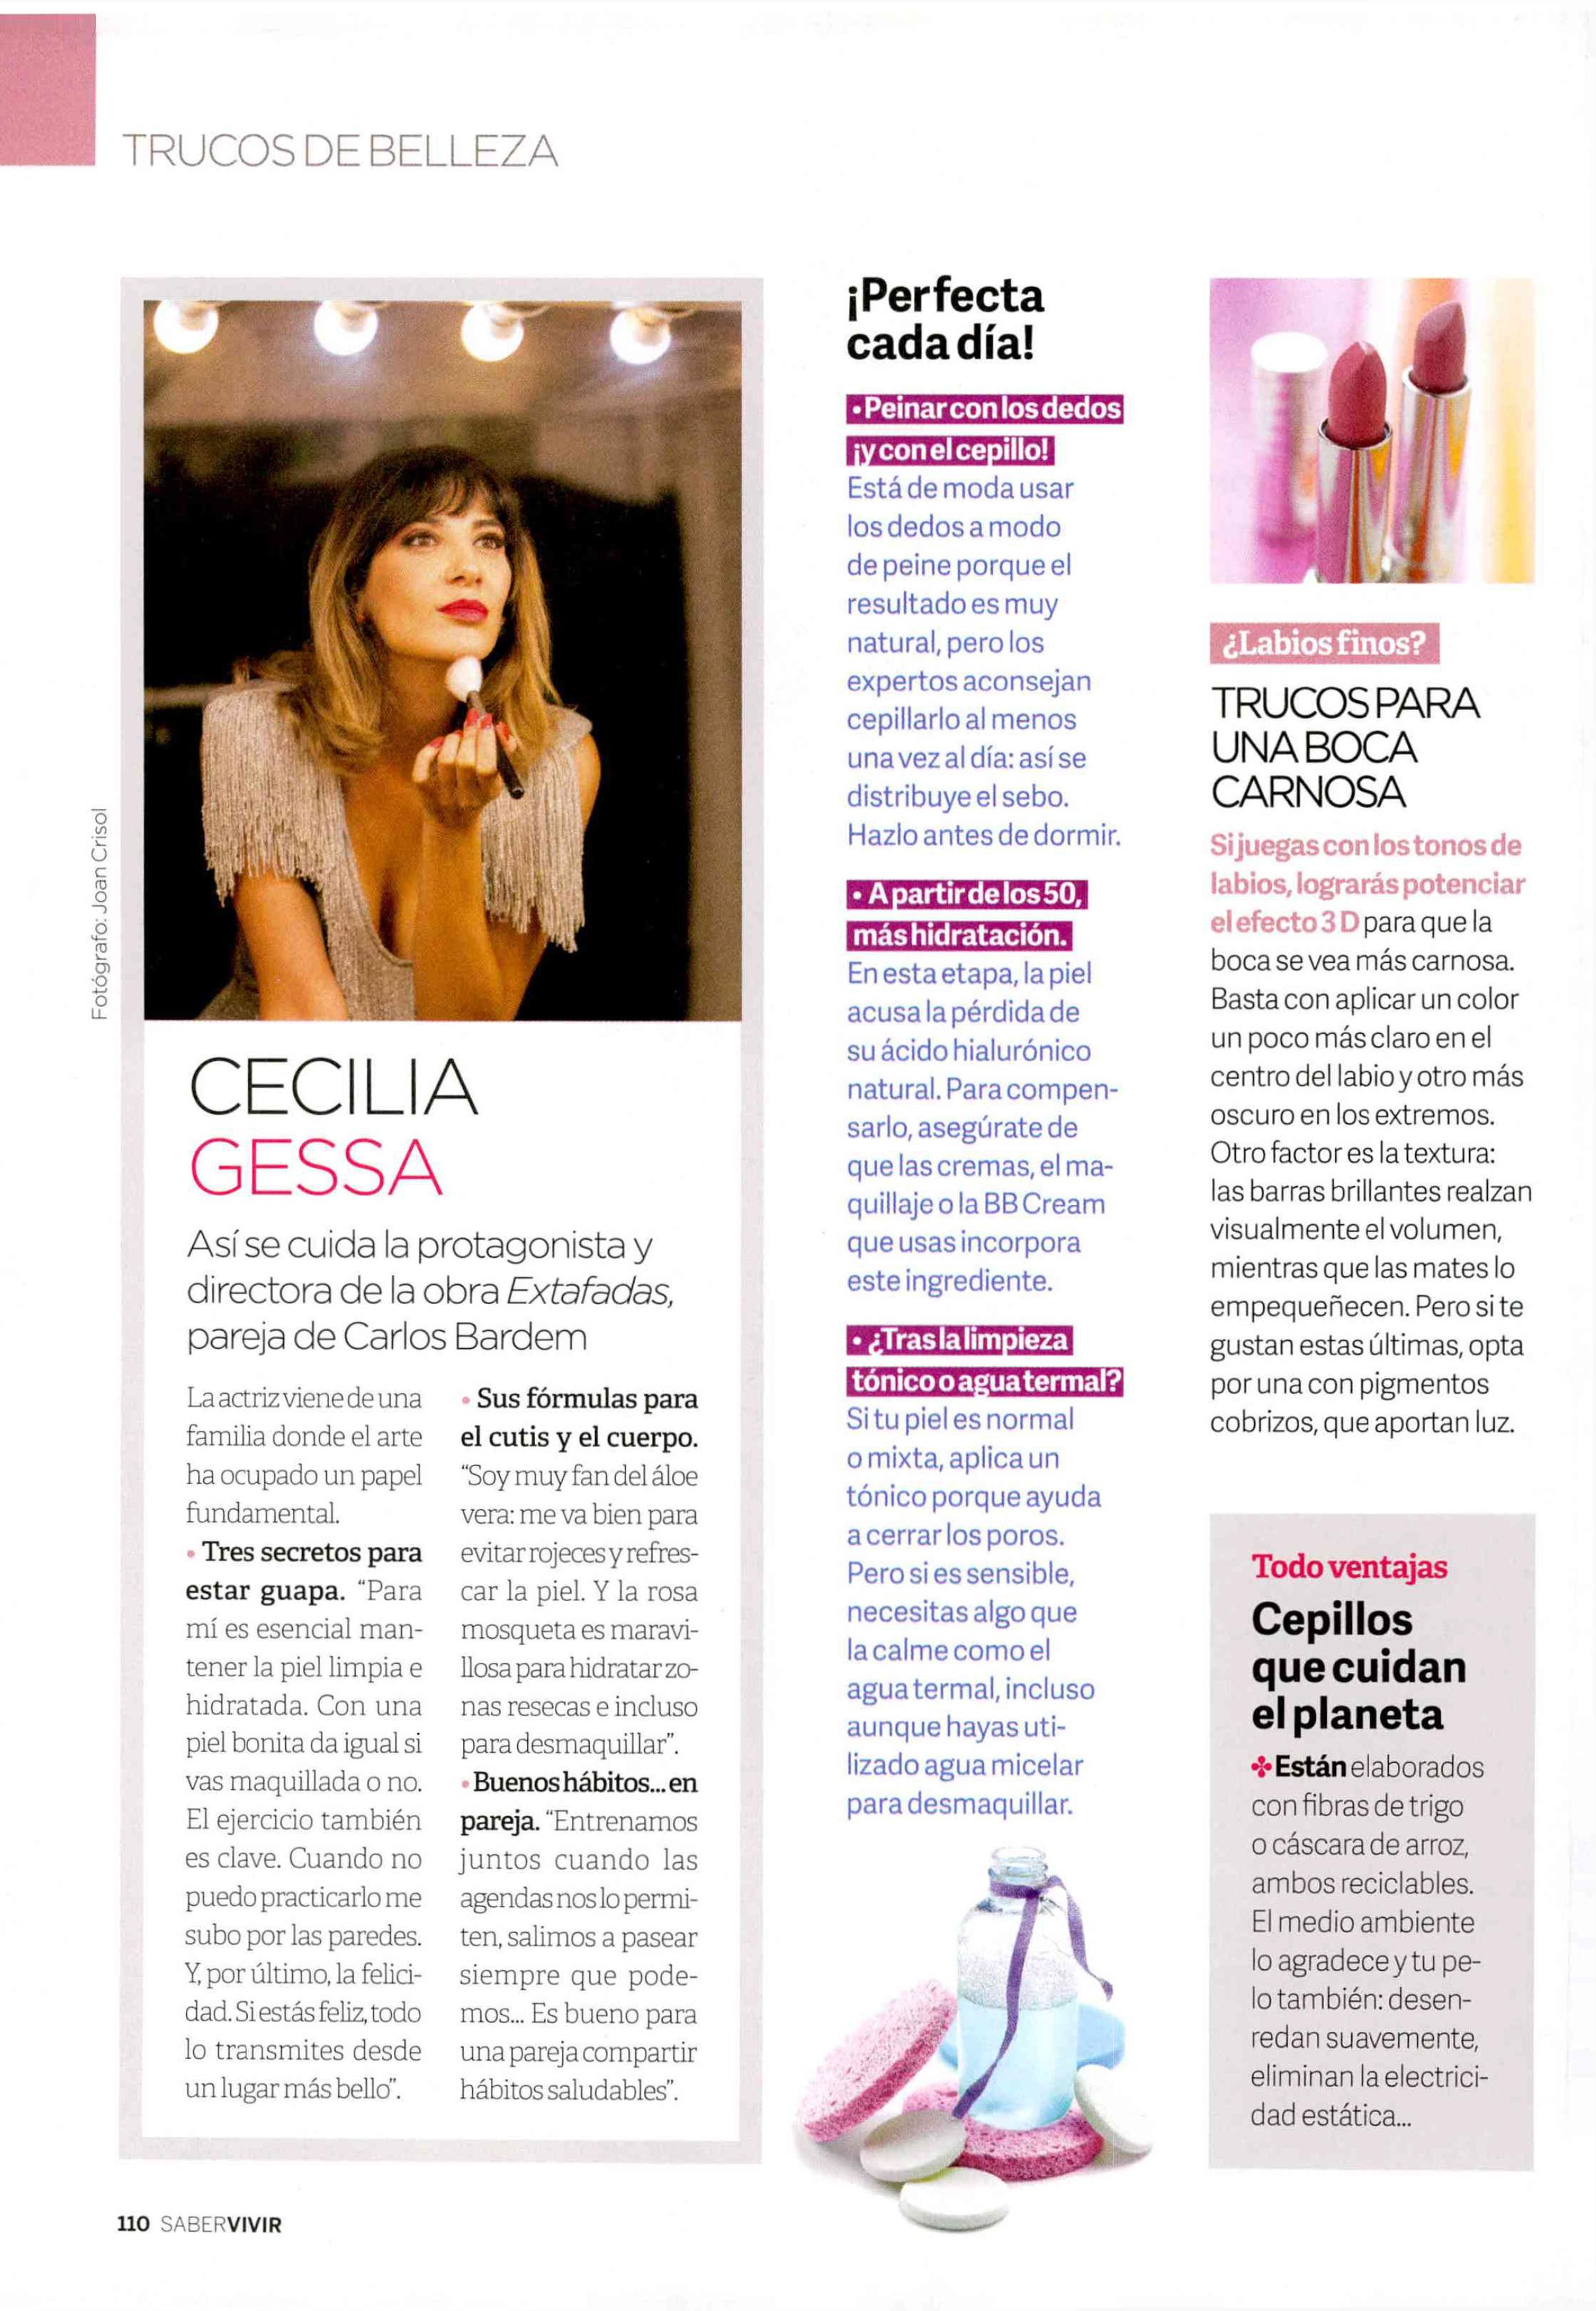 Saber Vivir , Cecilia Gessa